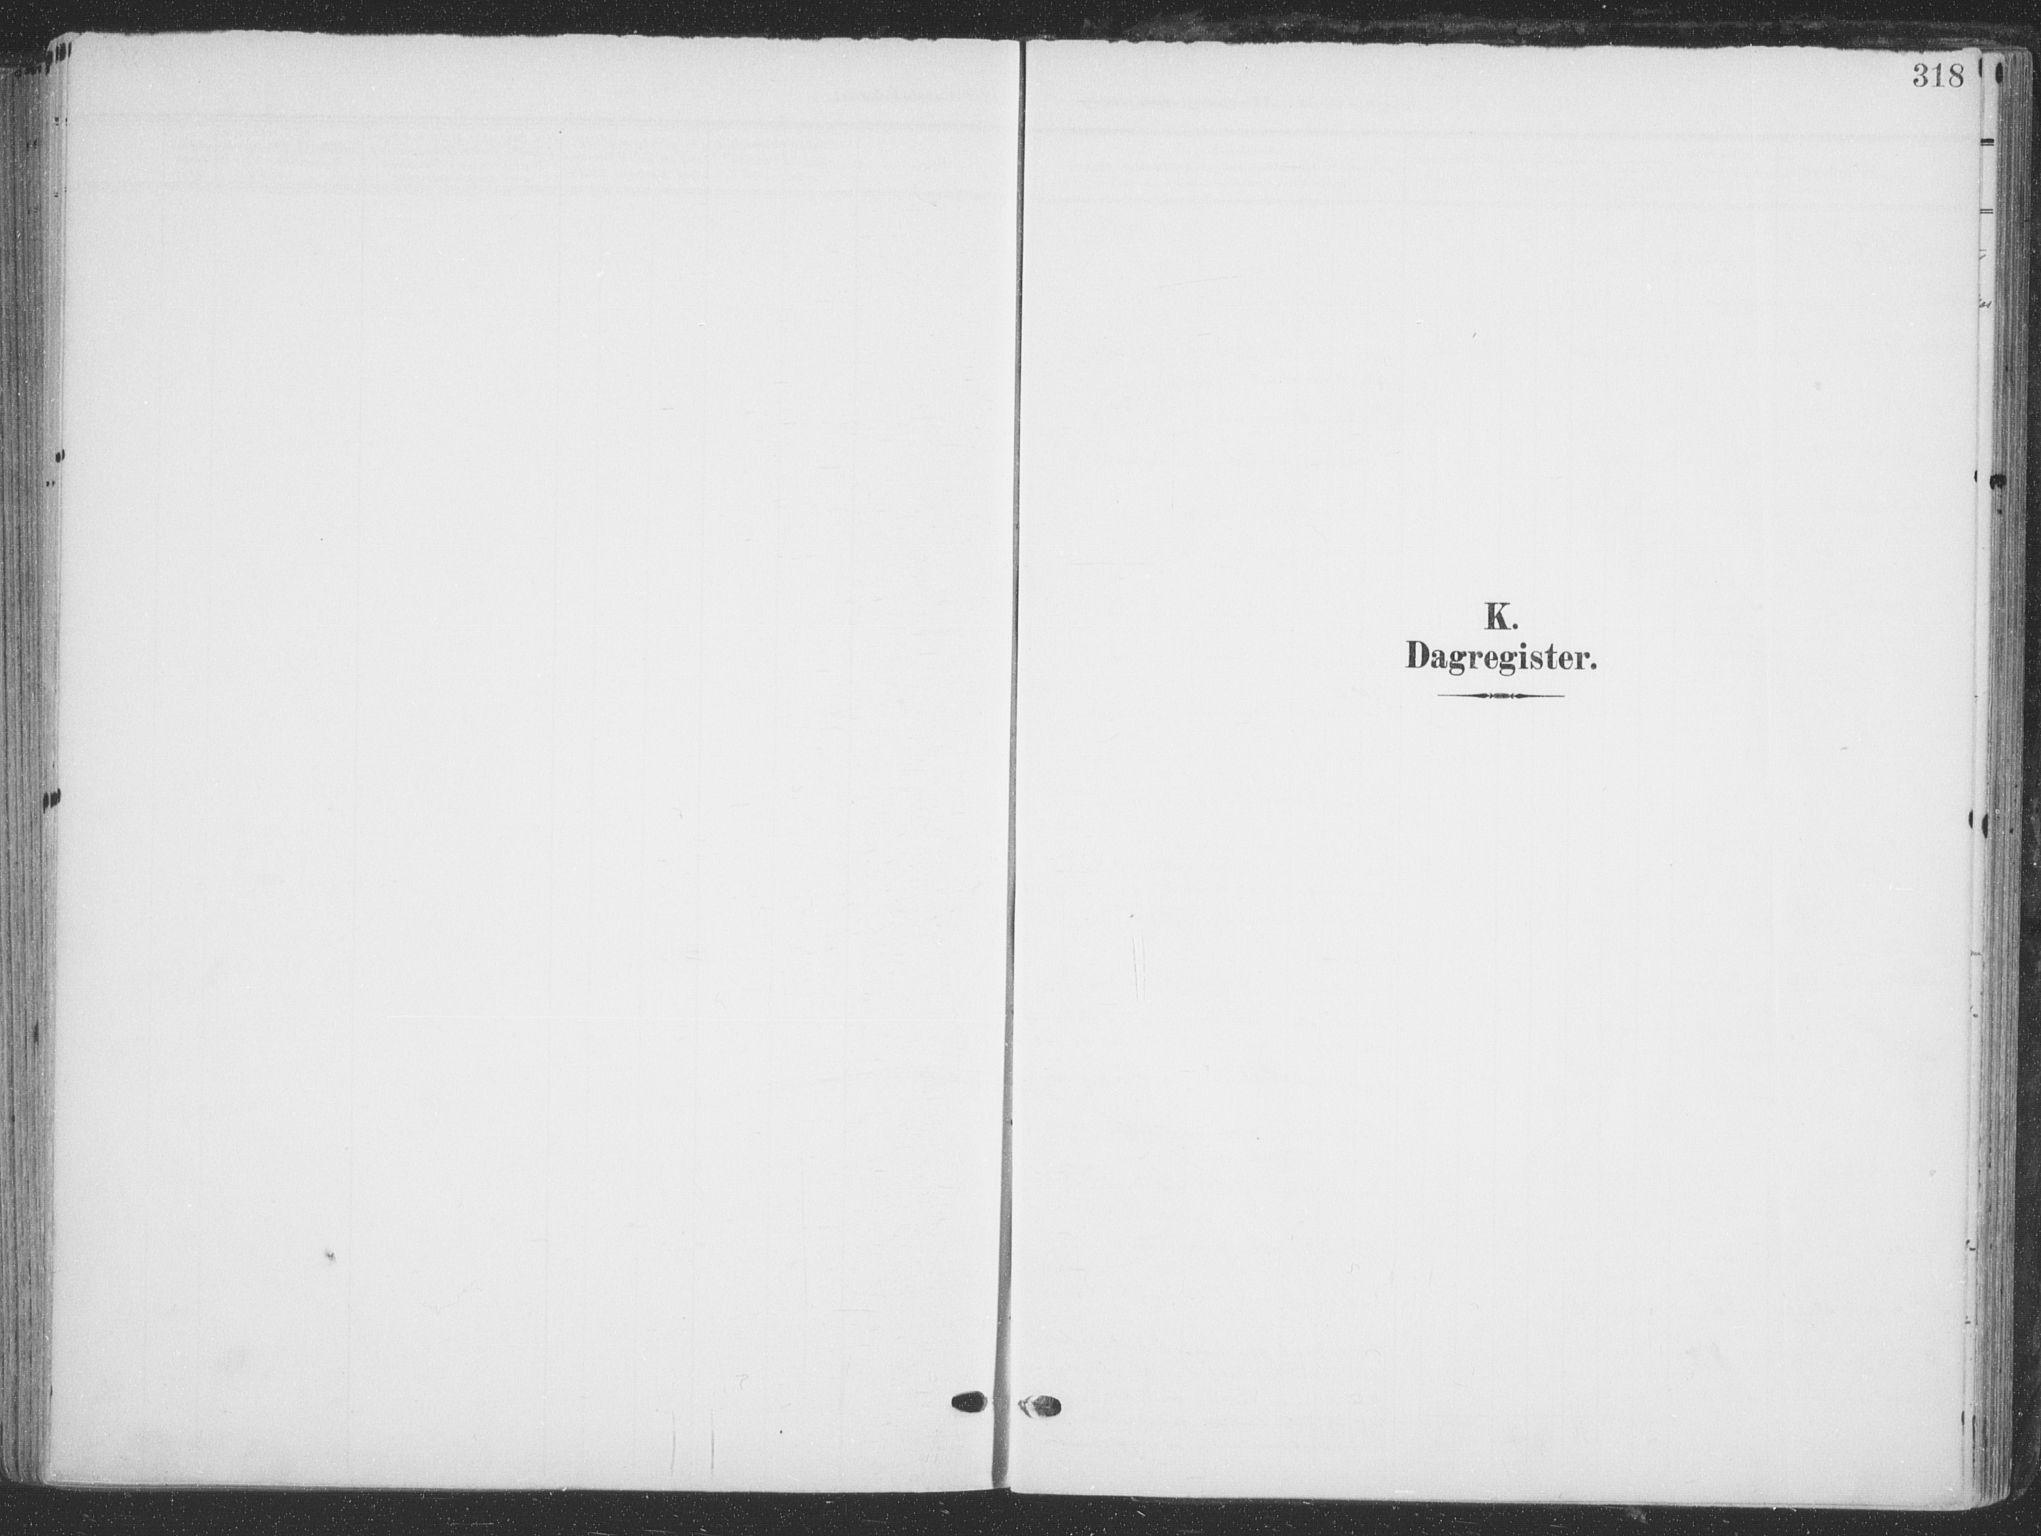 SATØ, Tana sokneprestkontor, H/Ha/L0007kirke: Ministerialbok nr. 7, 1904-1918, s. 318